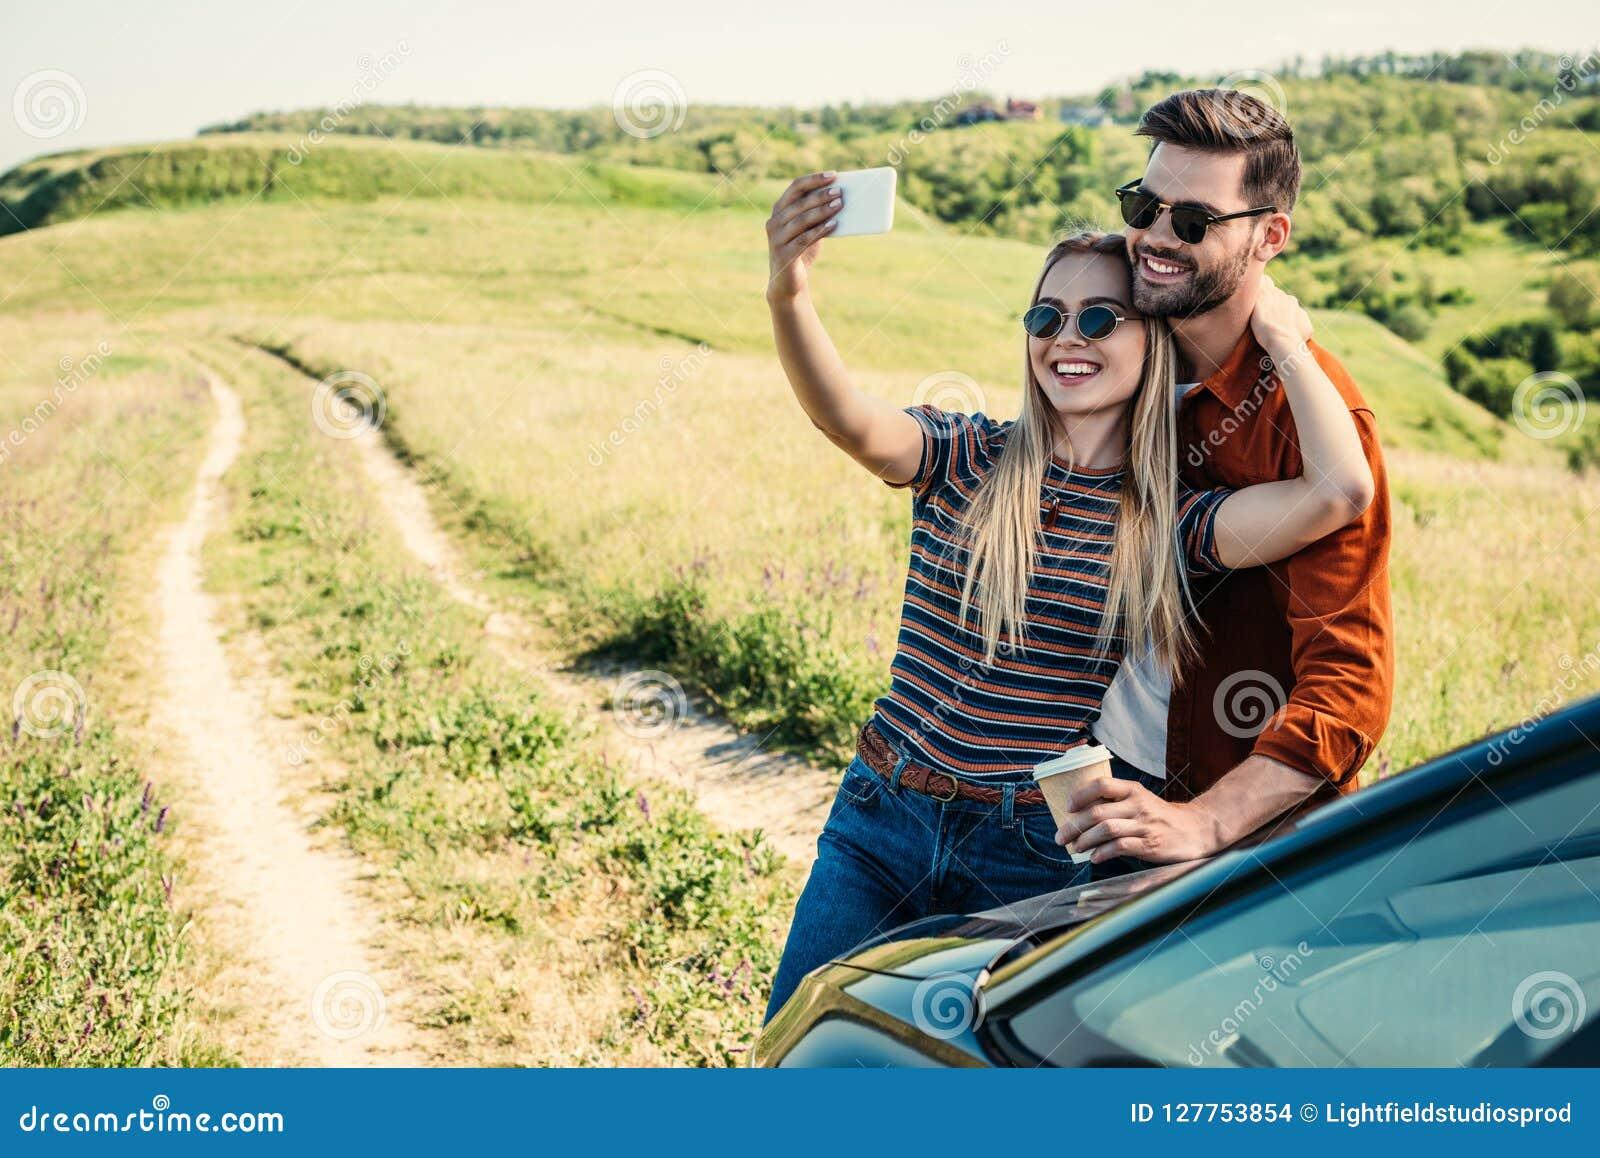 Uśmiechnięta elegancka para w okularach przeciwsłonecznych z filiżanką bierze selfie na smartphone blisko samochodu na wiejskim